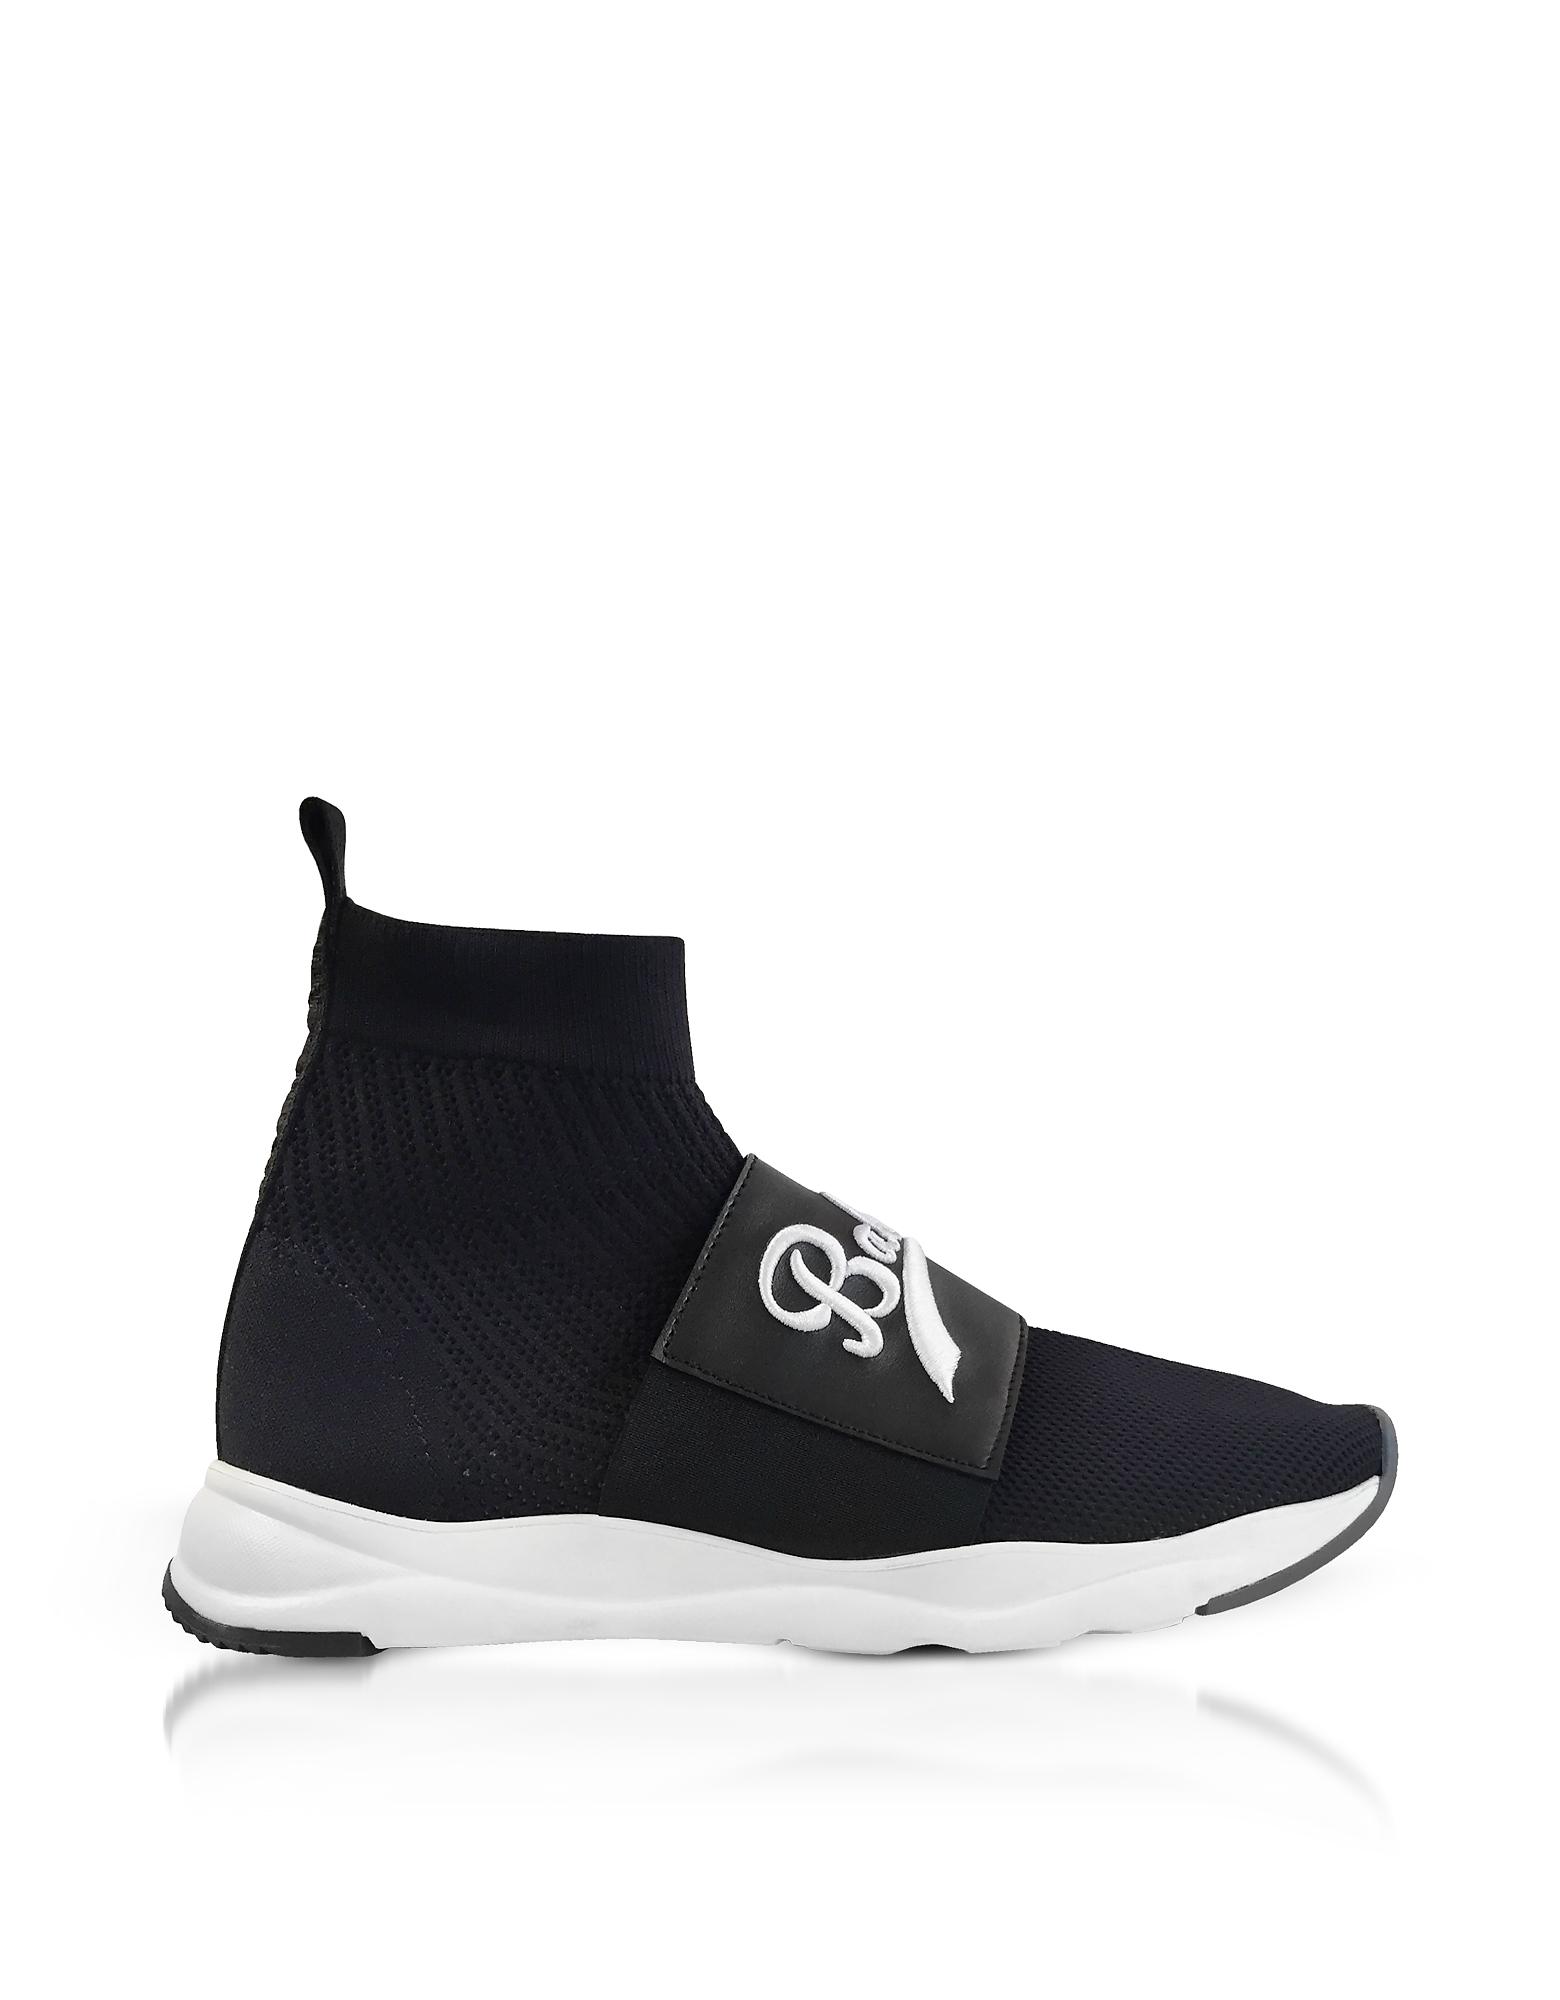 Balmain Shoes, Cameron Black Signature Men's Sock Sneakers